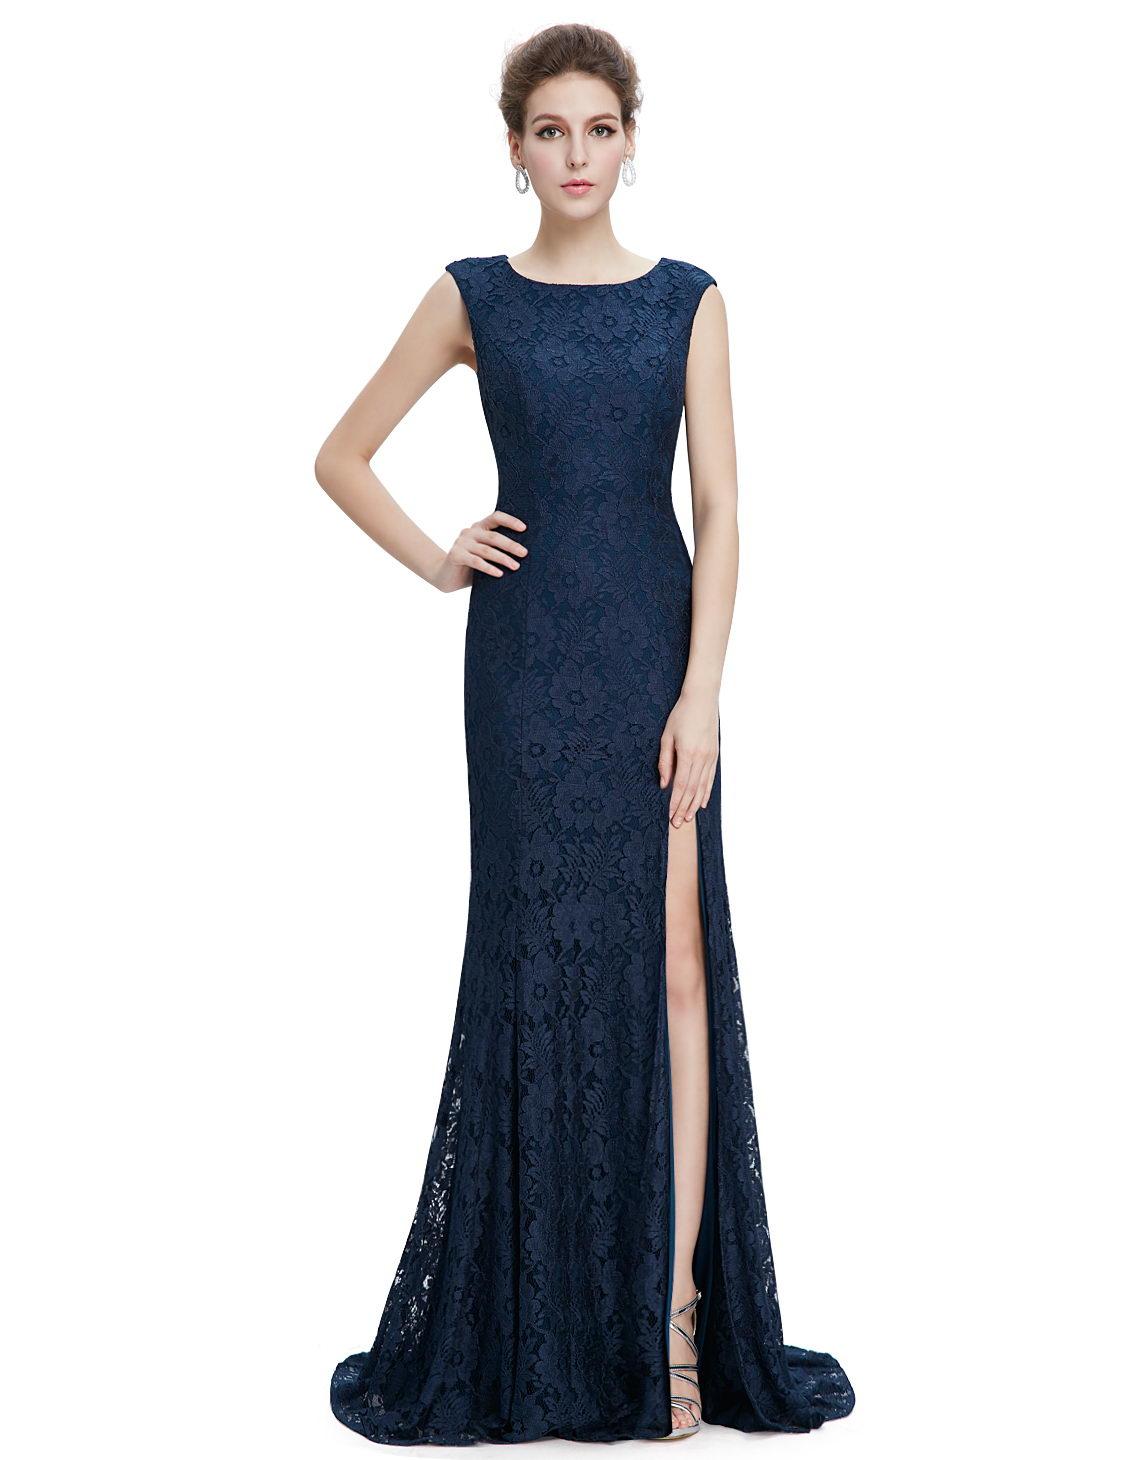 платье tarik ediz купить в москве